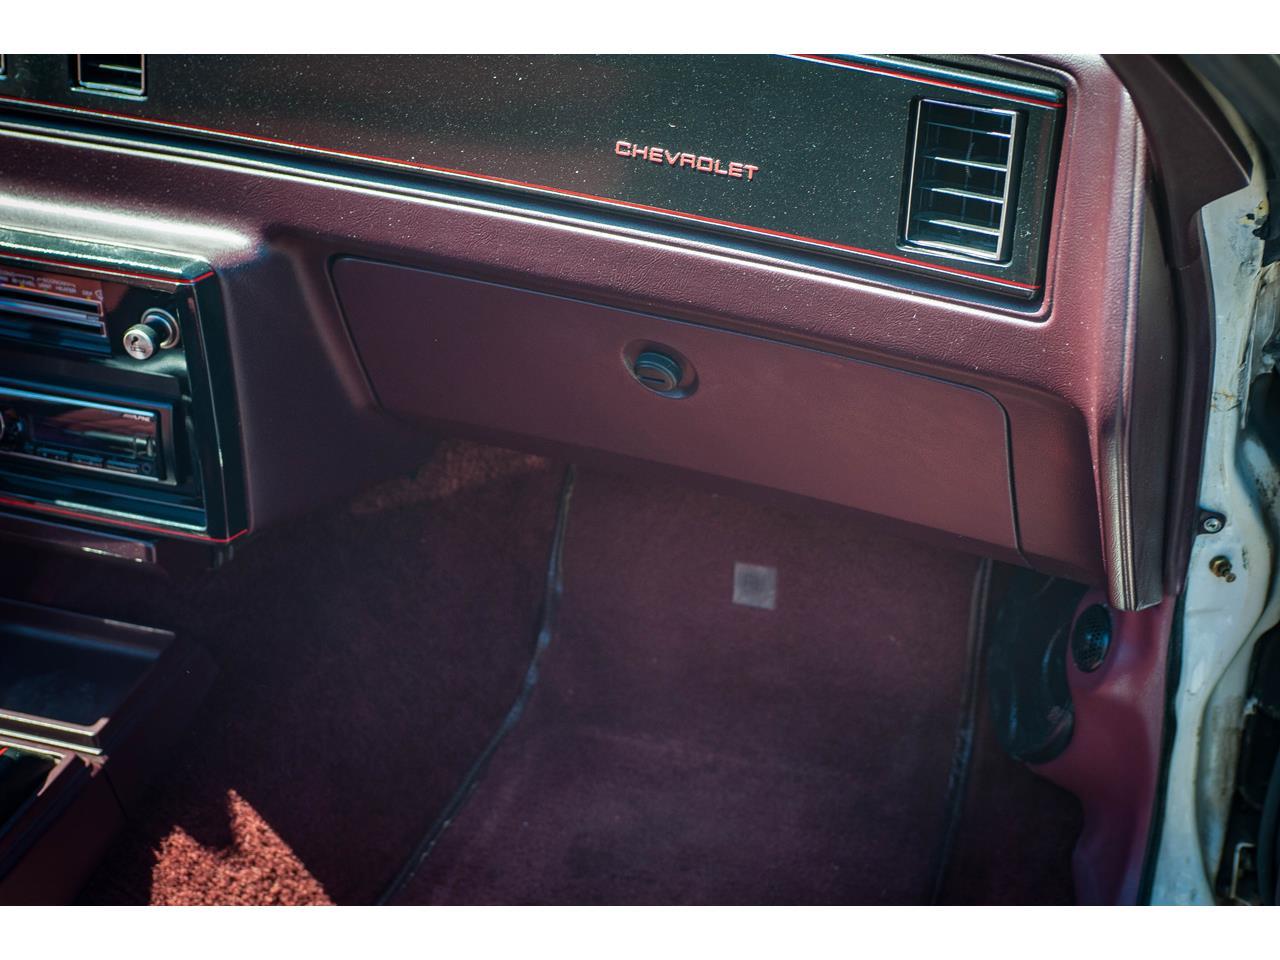 Large Picture of 1988 Chevrolet Monte Carlo located in O'Fallon Illinois - $21,000.00 - QENP